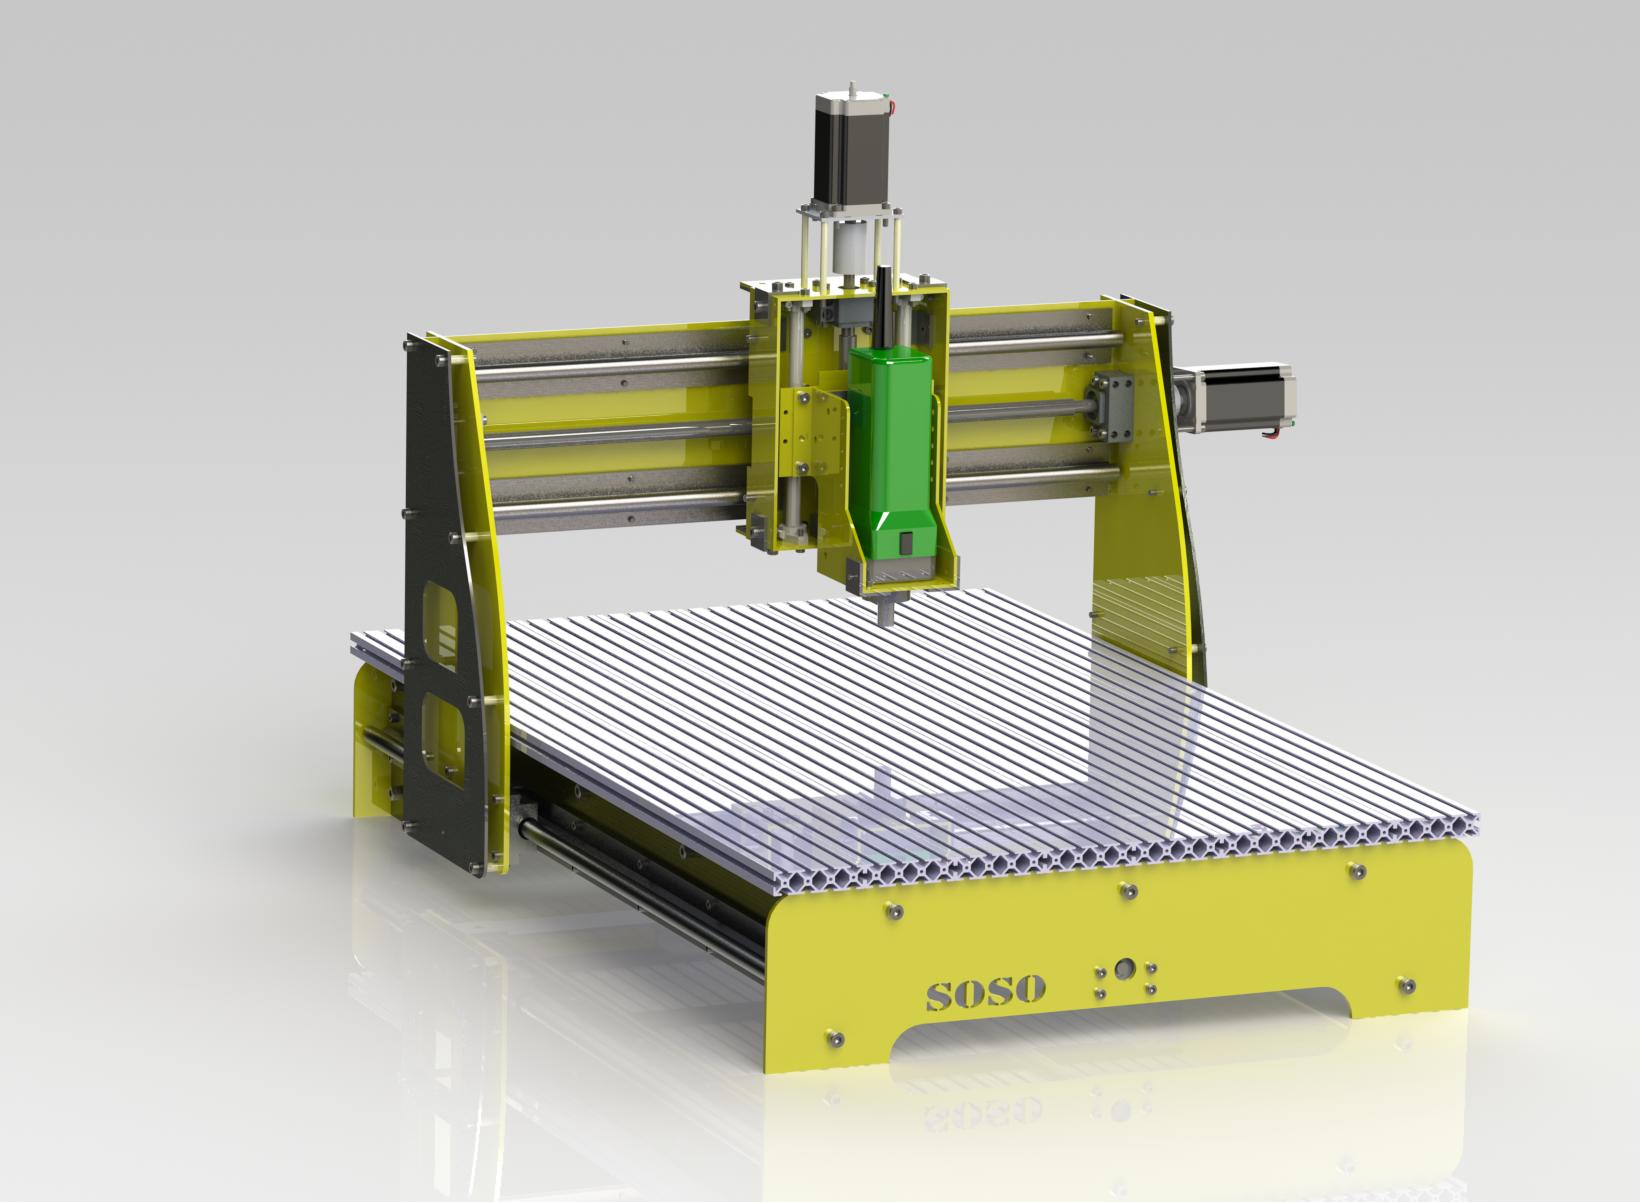 Imagens de #A19D2A Blocos FP 3D: Mesa de Corte CNC – Blocos Fabrica do Projeto 1640x1202 px 3472 Bloco Autocad Banheiro Corte